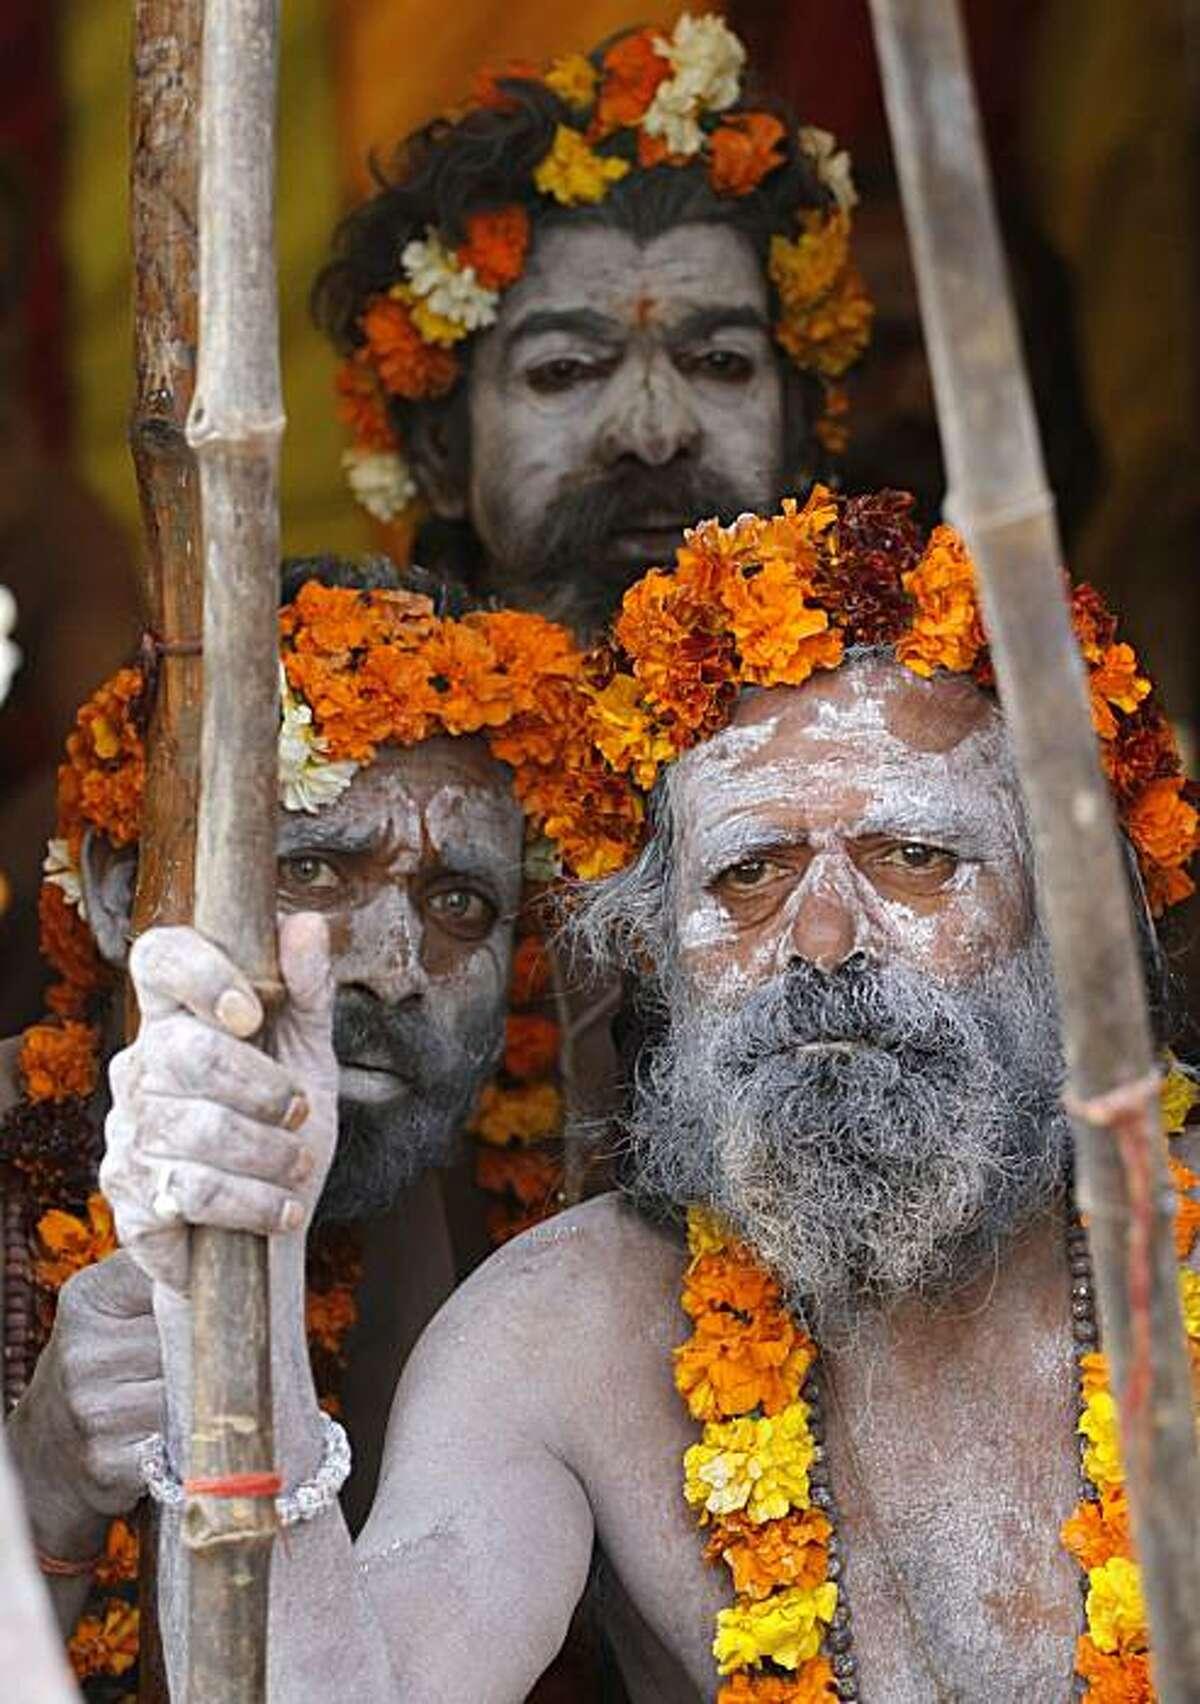 During Kumbh Mela pilgrimage 2013, Allahabad, India